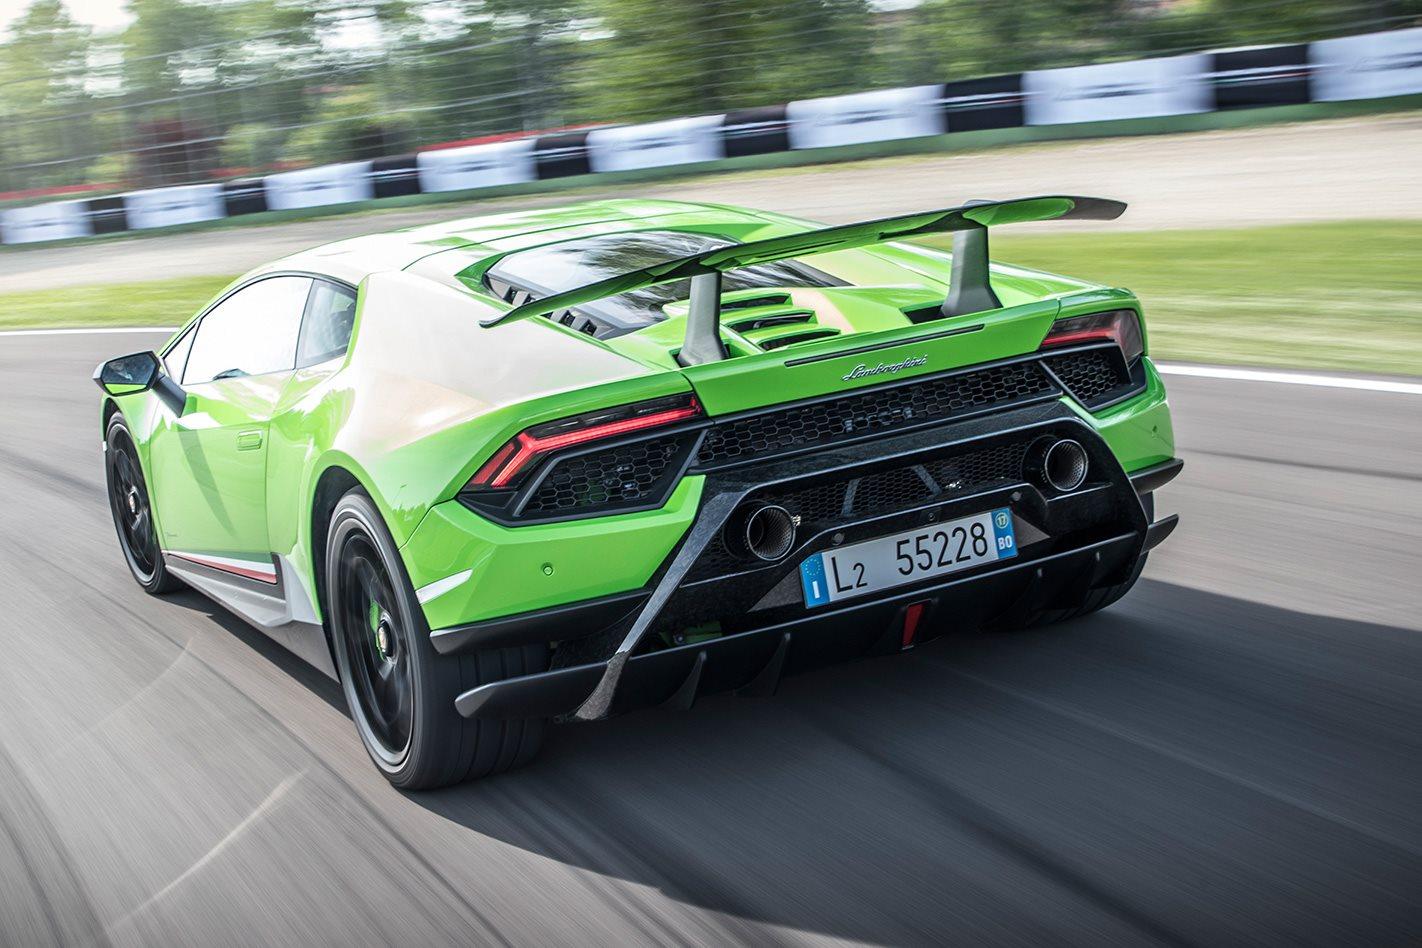 2017 Lamborghini Huracan Performante Review